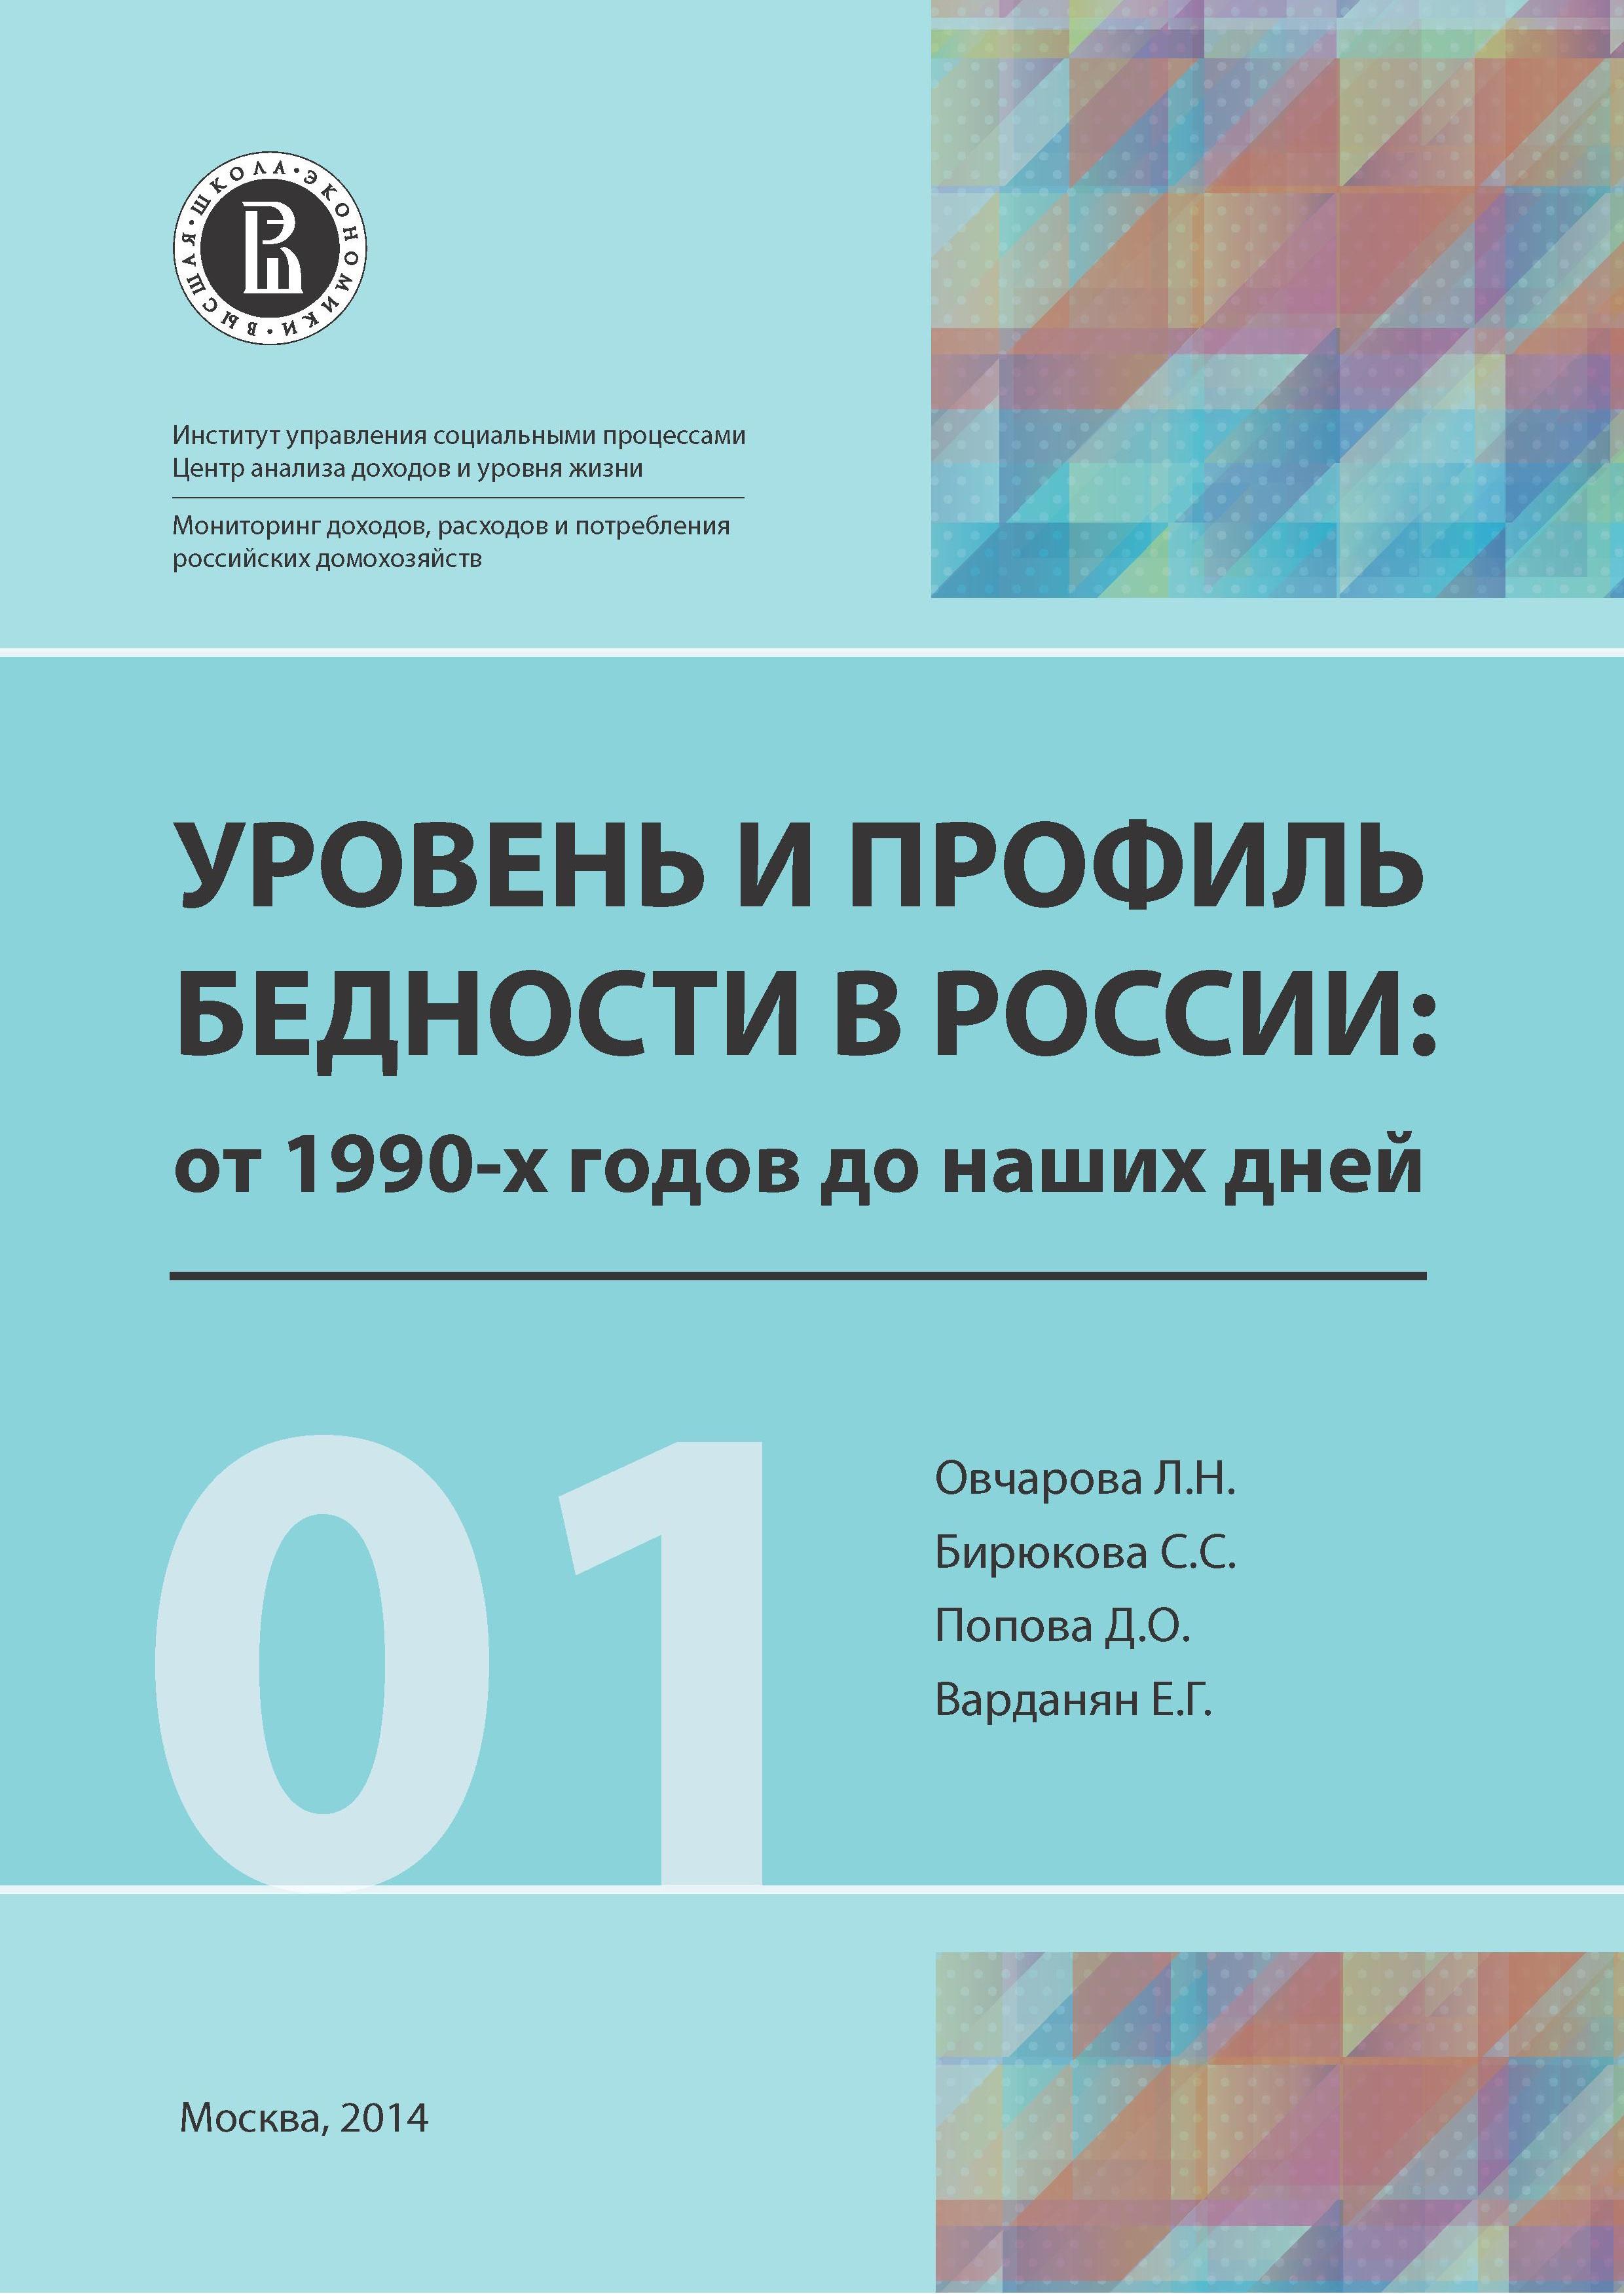 Уровень и профиль бедности в России: от 1990-х годов до наших дней